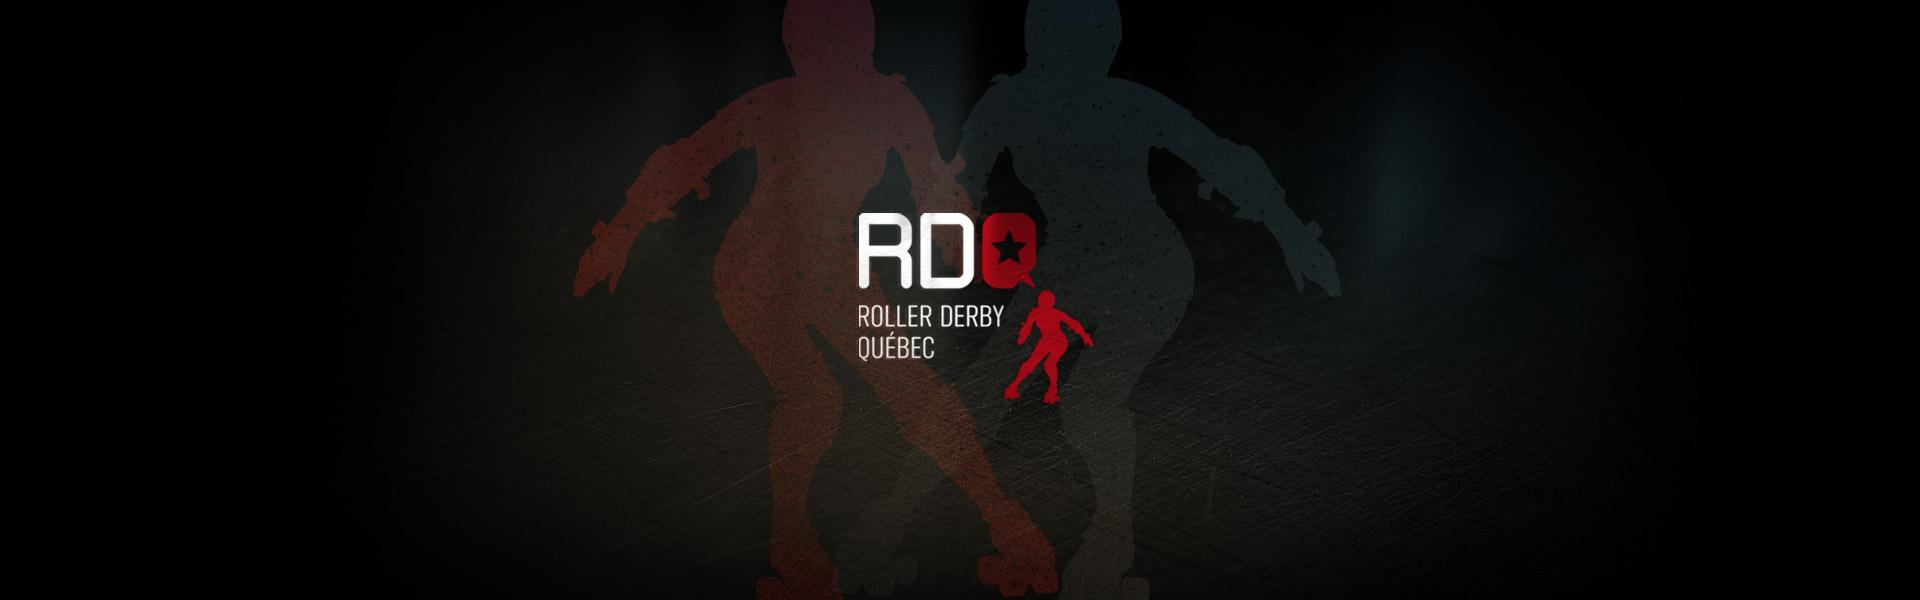 http://rollerderbyqc.com/wp-content/uploads/2013/06/ligue-rdq.jpg